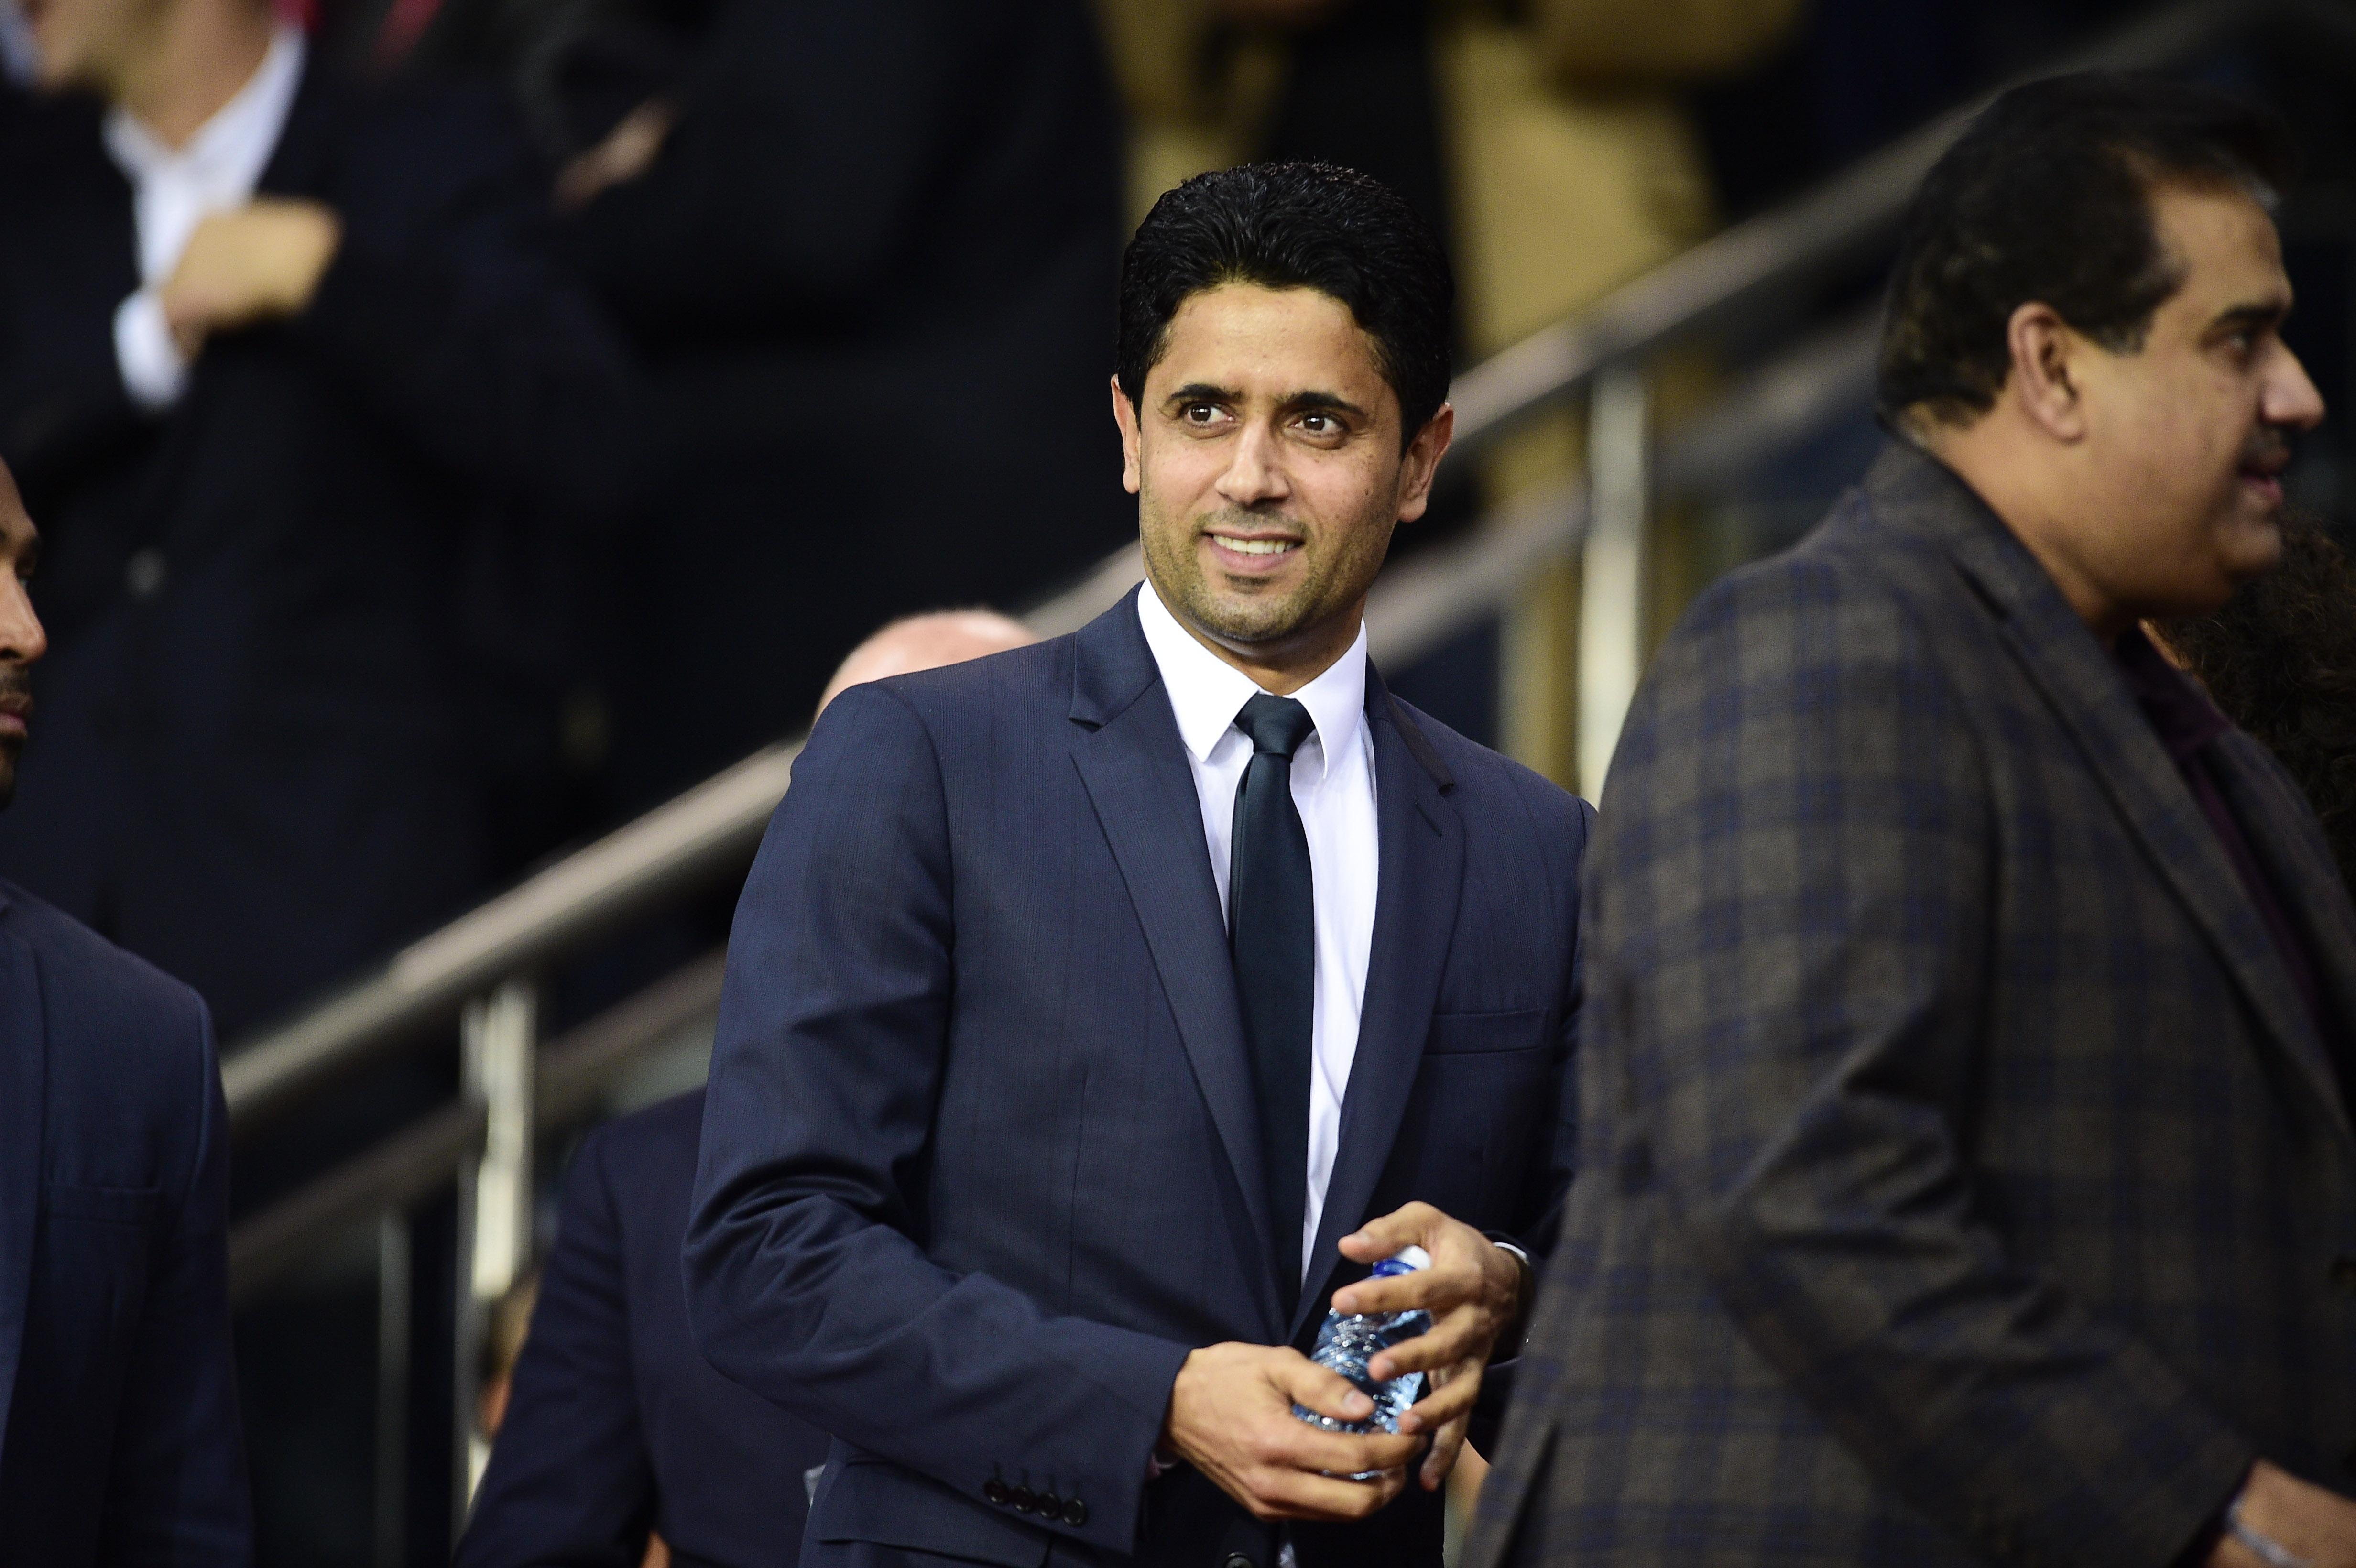 Football - Patron de BeIN Media Group, Al-Khelaïfi condamné à une amende de 18 millions d'euros